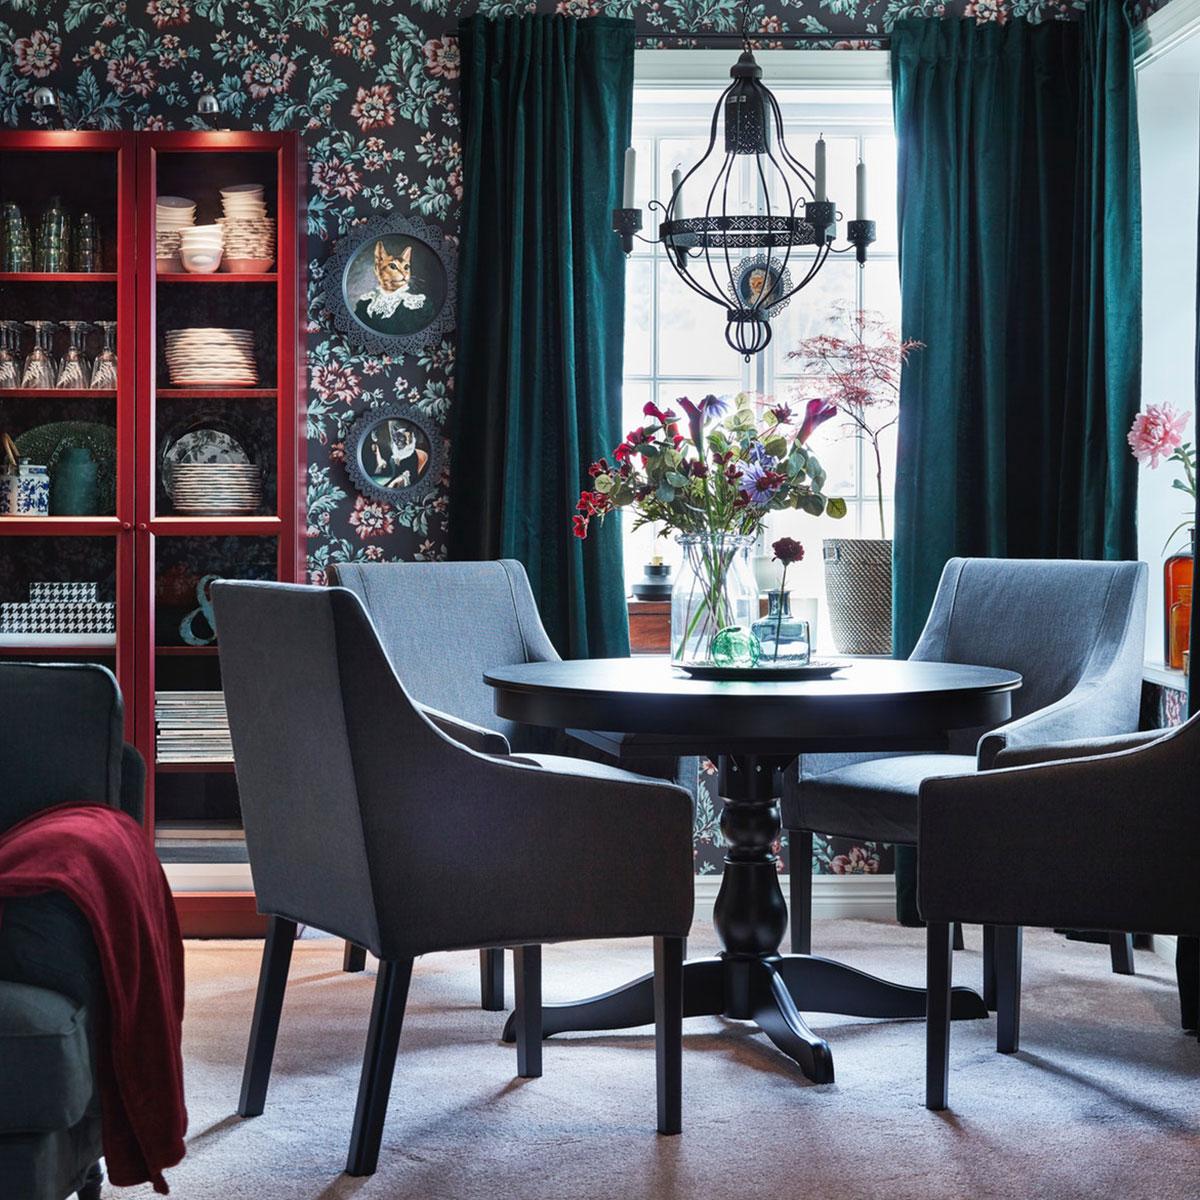 La table ronde extensible IKEA INGATORP noire et les chaises de salle à manger SAKARIAS en gris et à motifs floraux complètent le papier peint à motif floral vintage et les rideaux en velours vert foncé.